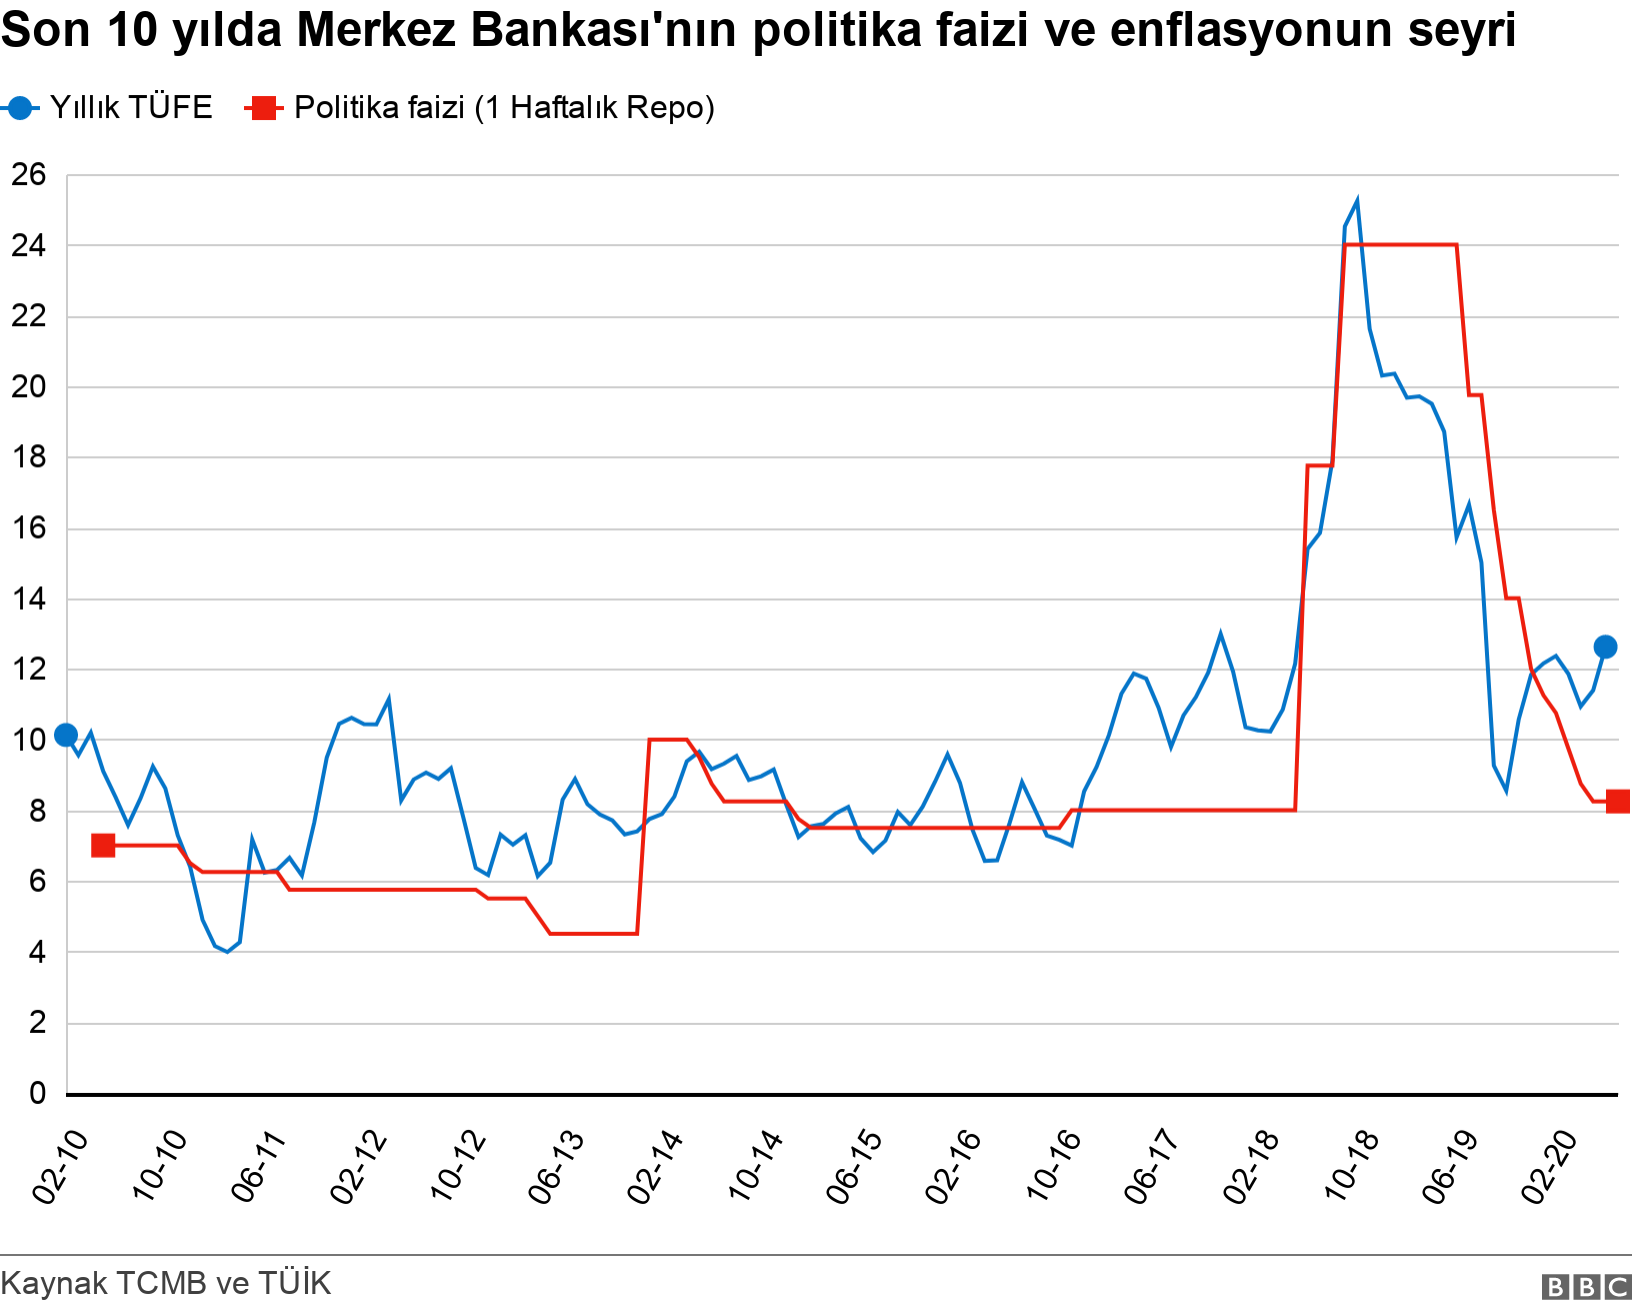 Son 10 yılda Merkez Bankası'nın politika faizi ve enflasyonun seyri. .  .